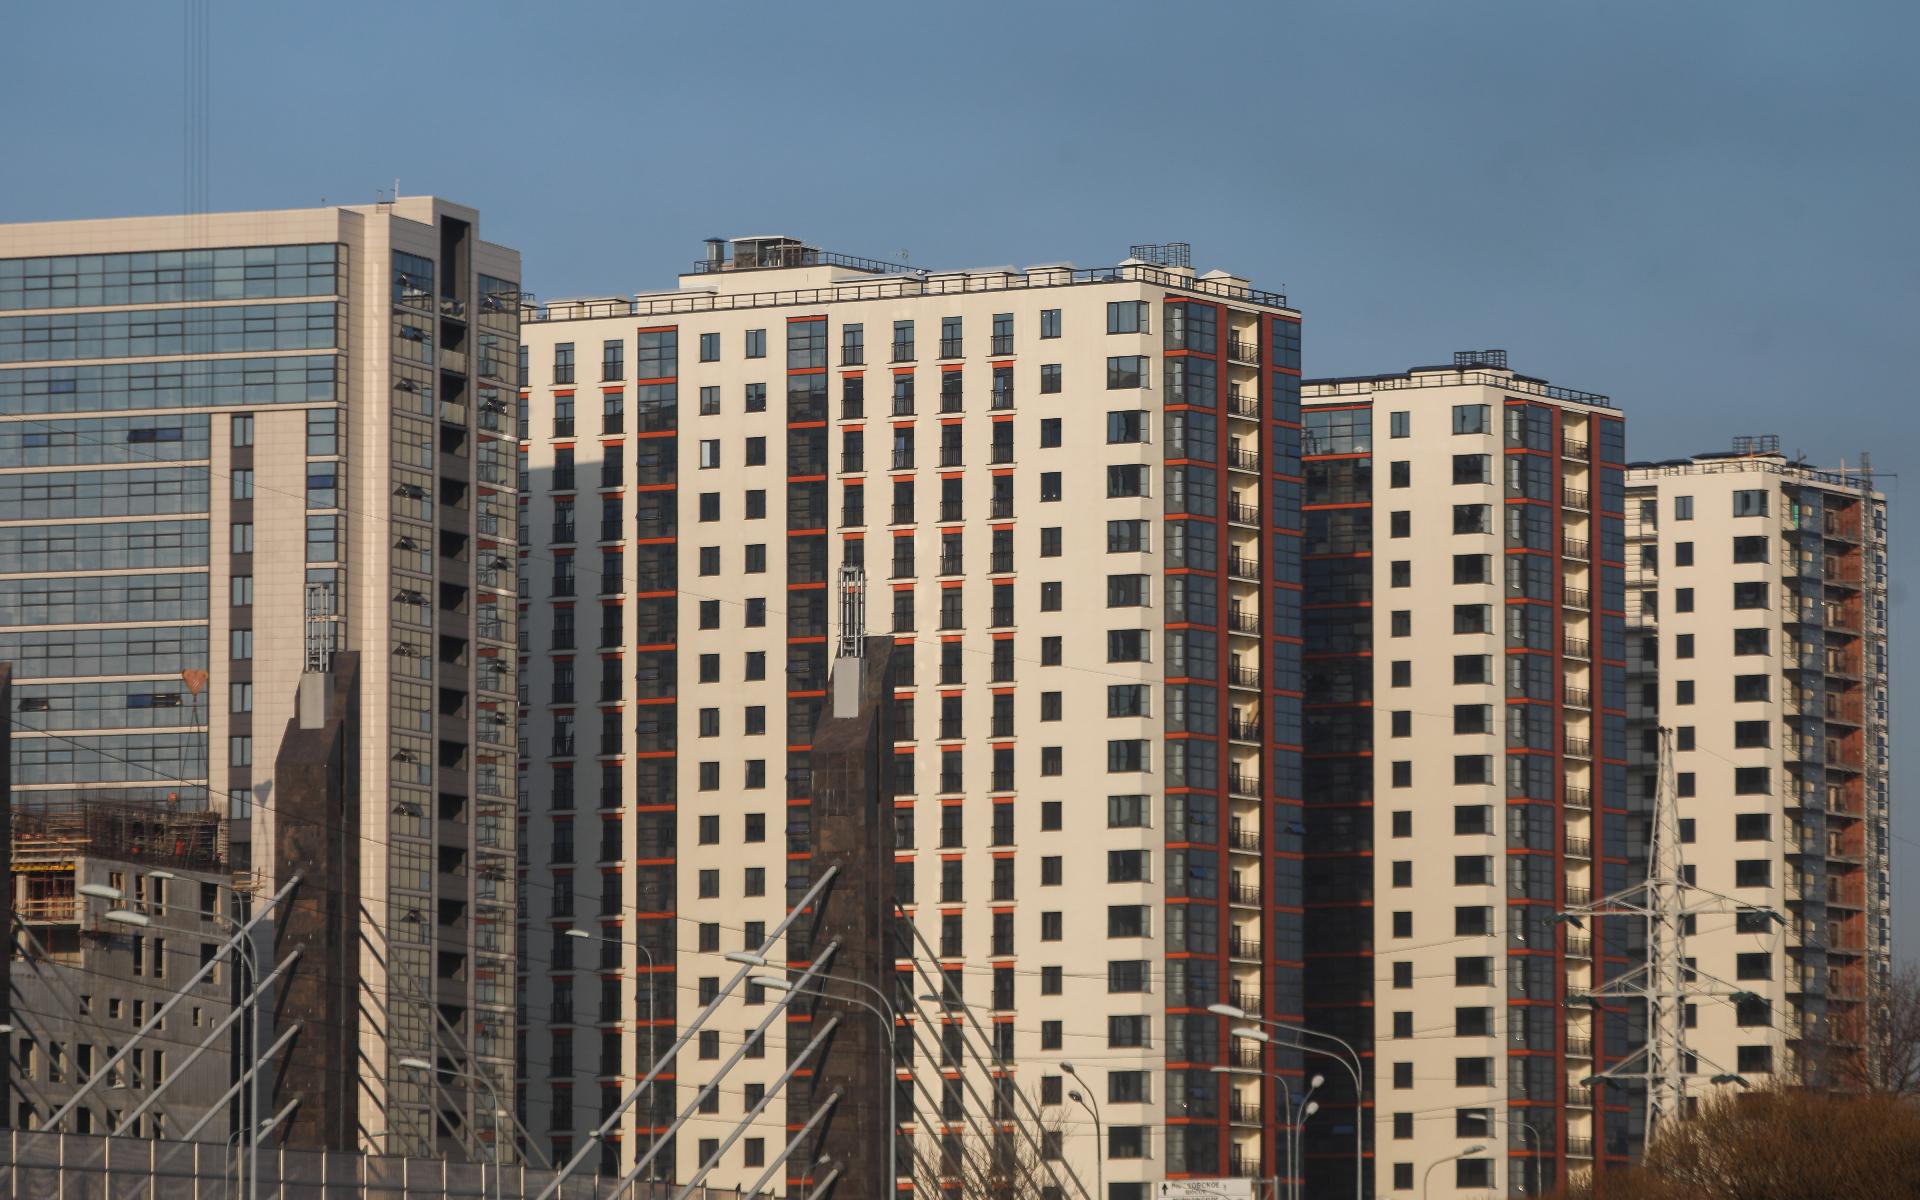 Апарт-комплекс в Санкт-Петербурге